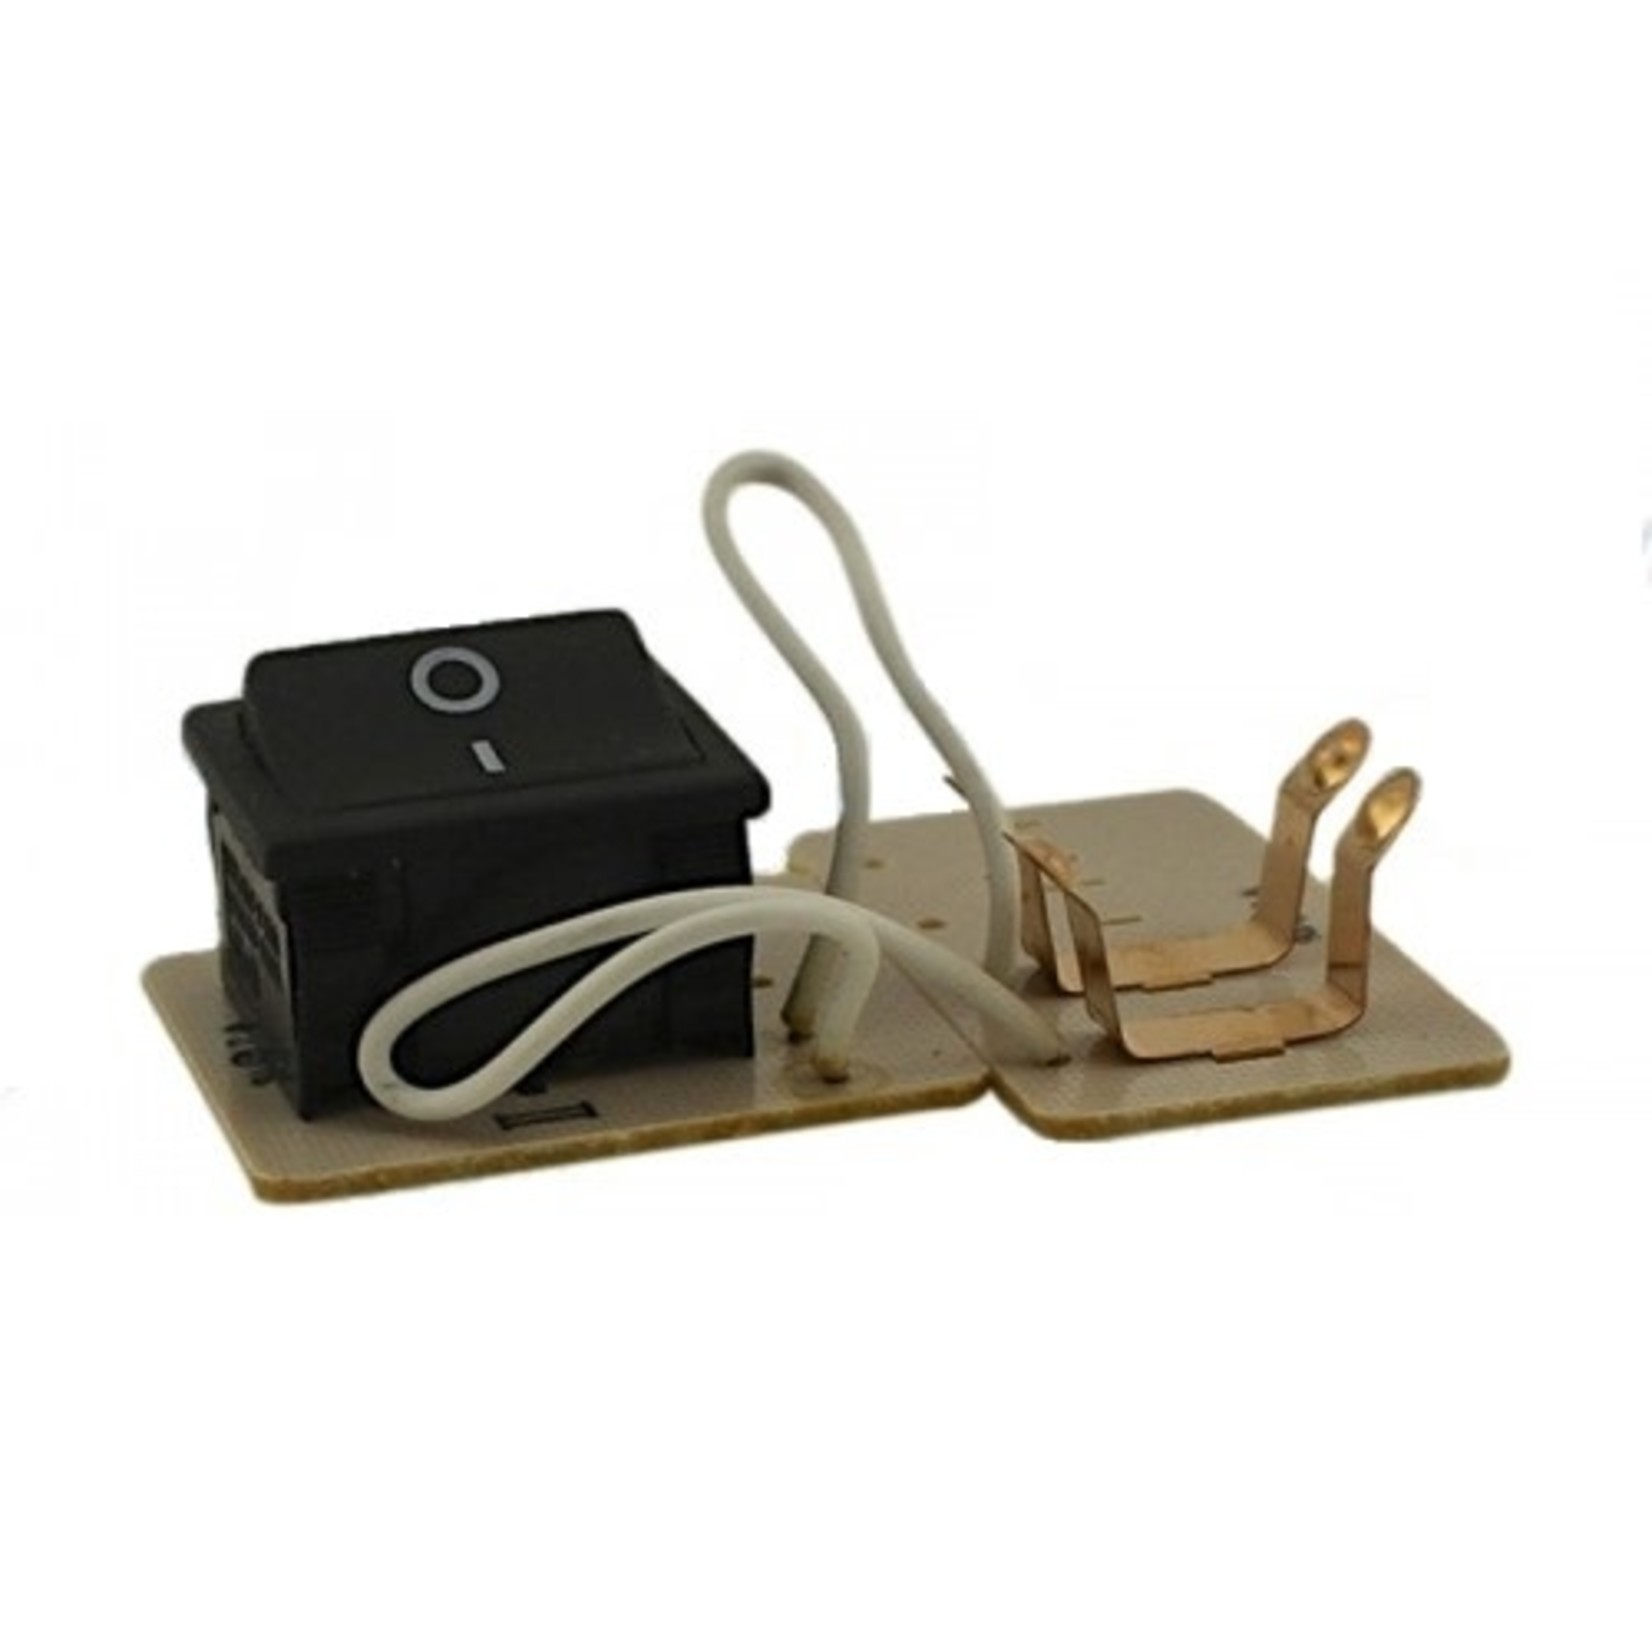 Centec Centec Low Volt Switch for Central Vacuum Hose